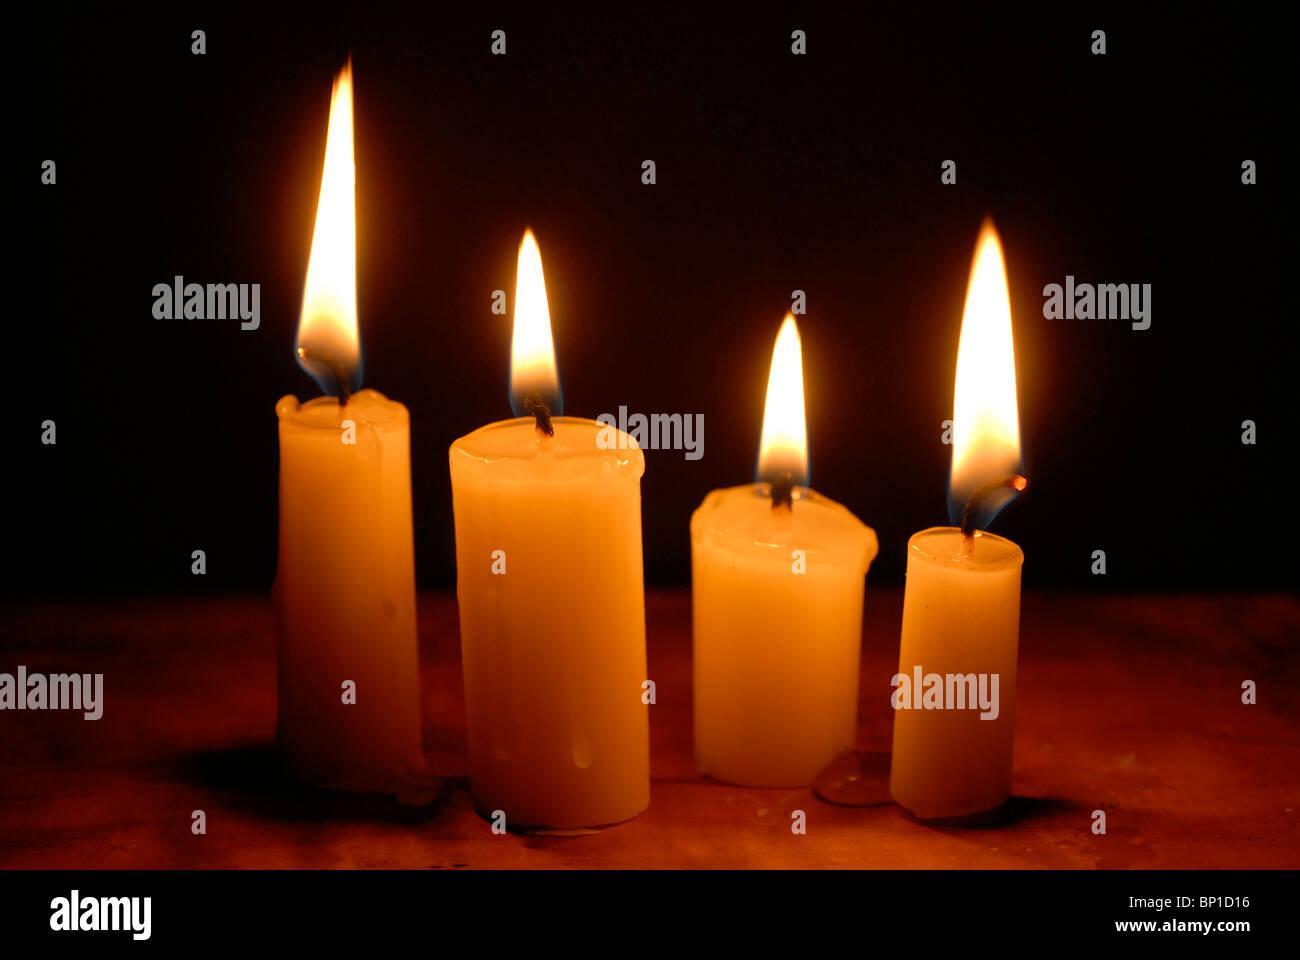 burning candle - Stock Image